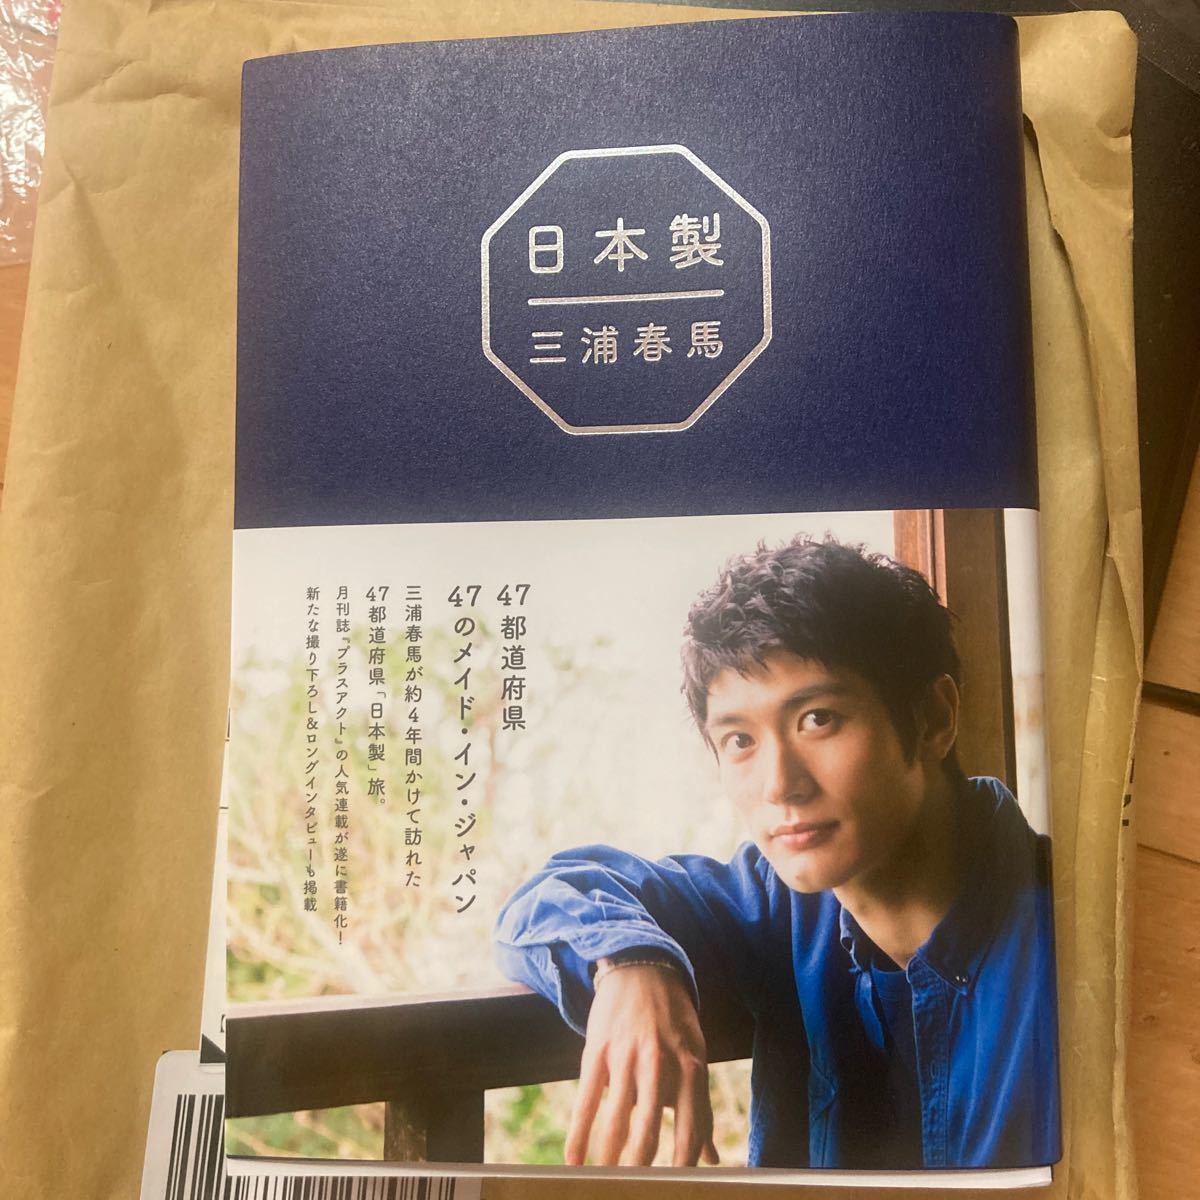 三浦春馬 日本製 新品未使用_画像1